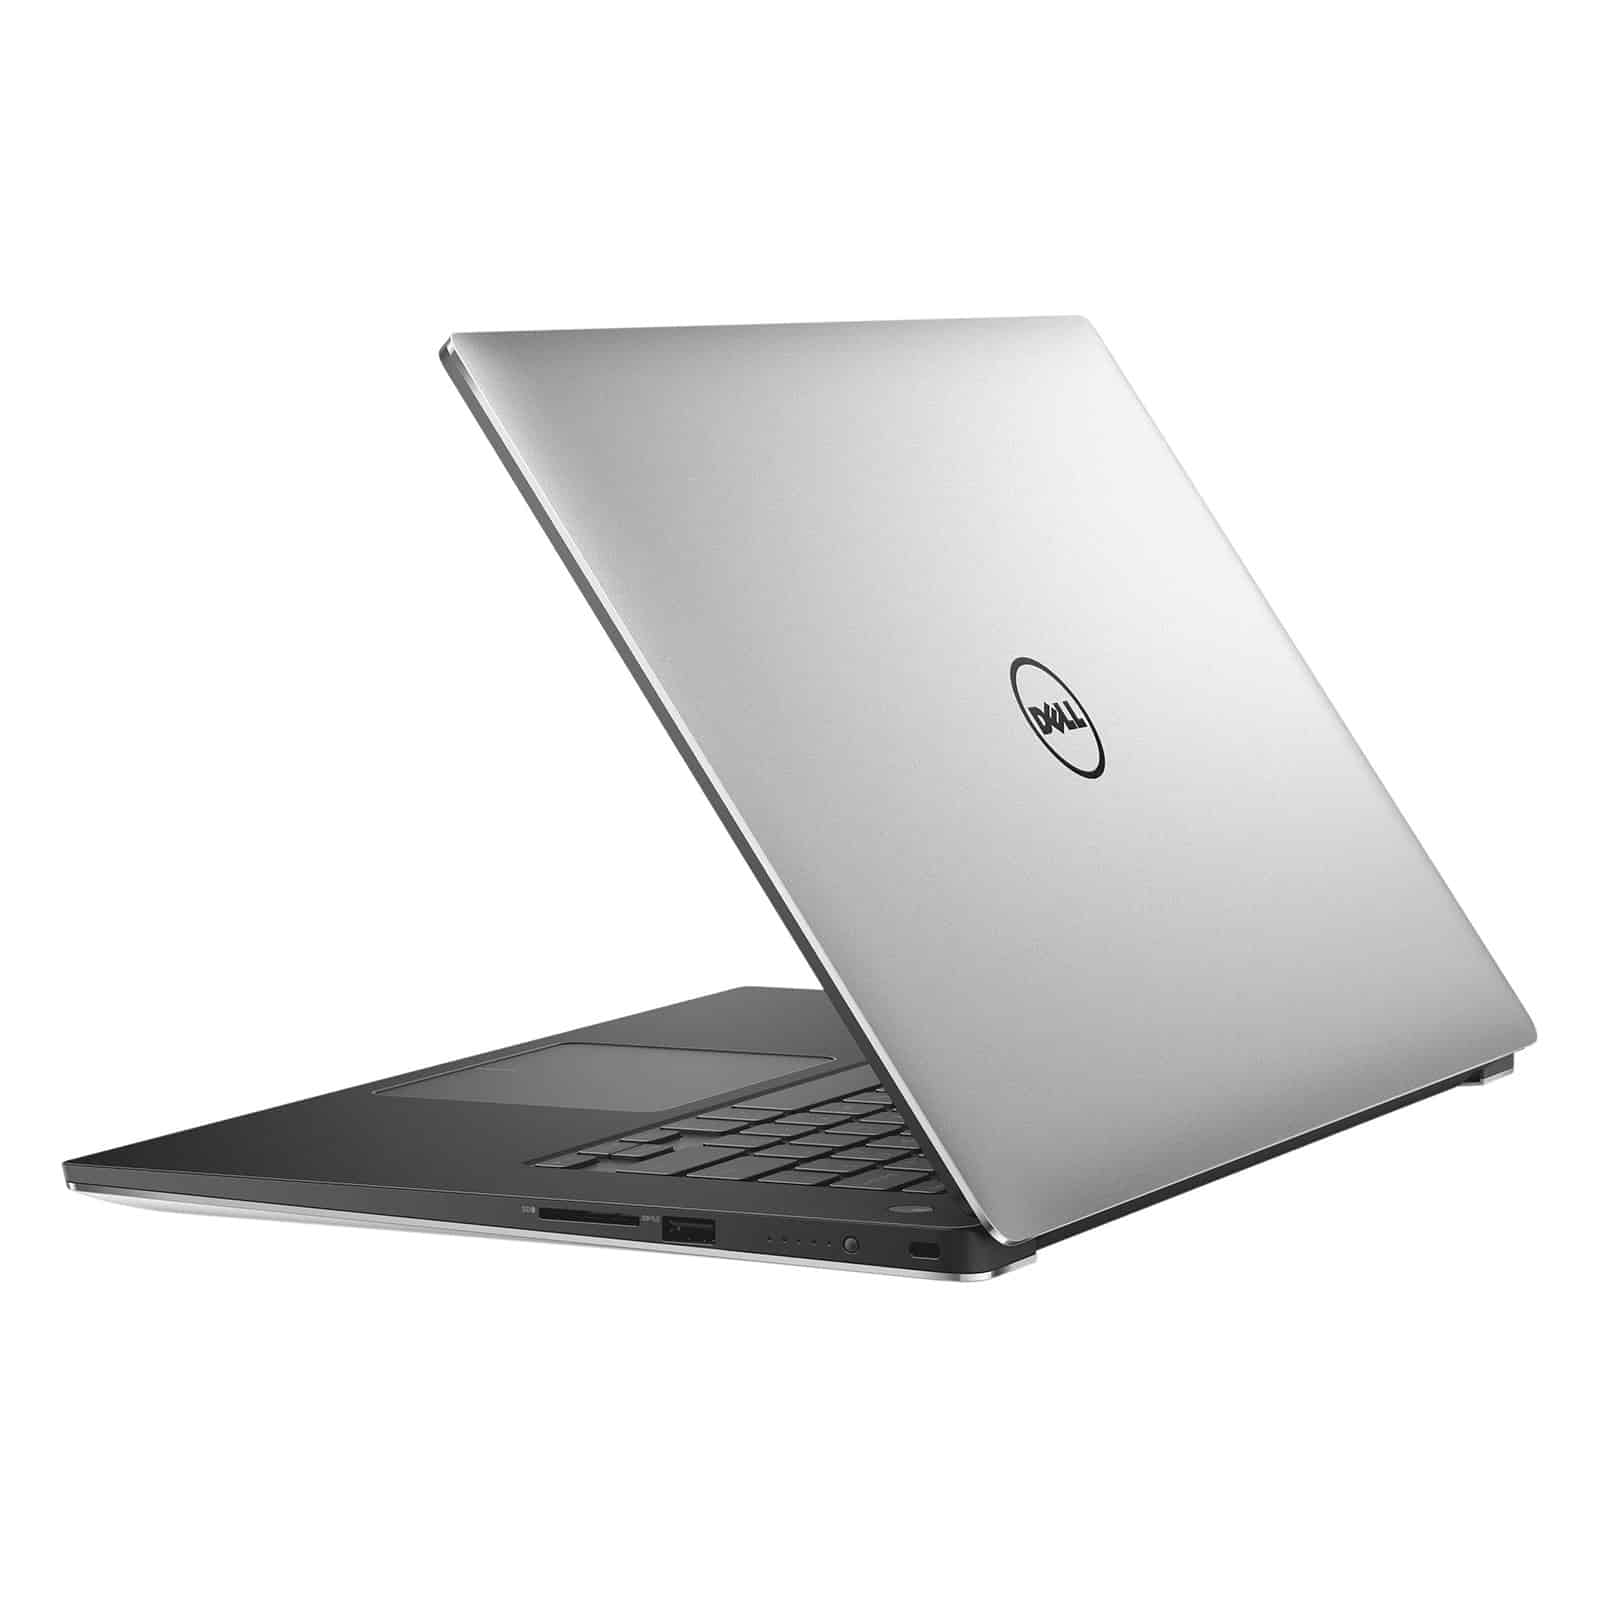 Dell XPS 9360 13.3 inch (2017) - Laptop Vàng